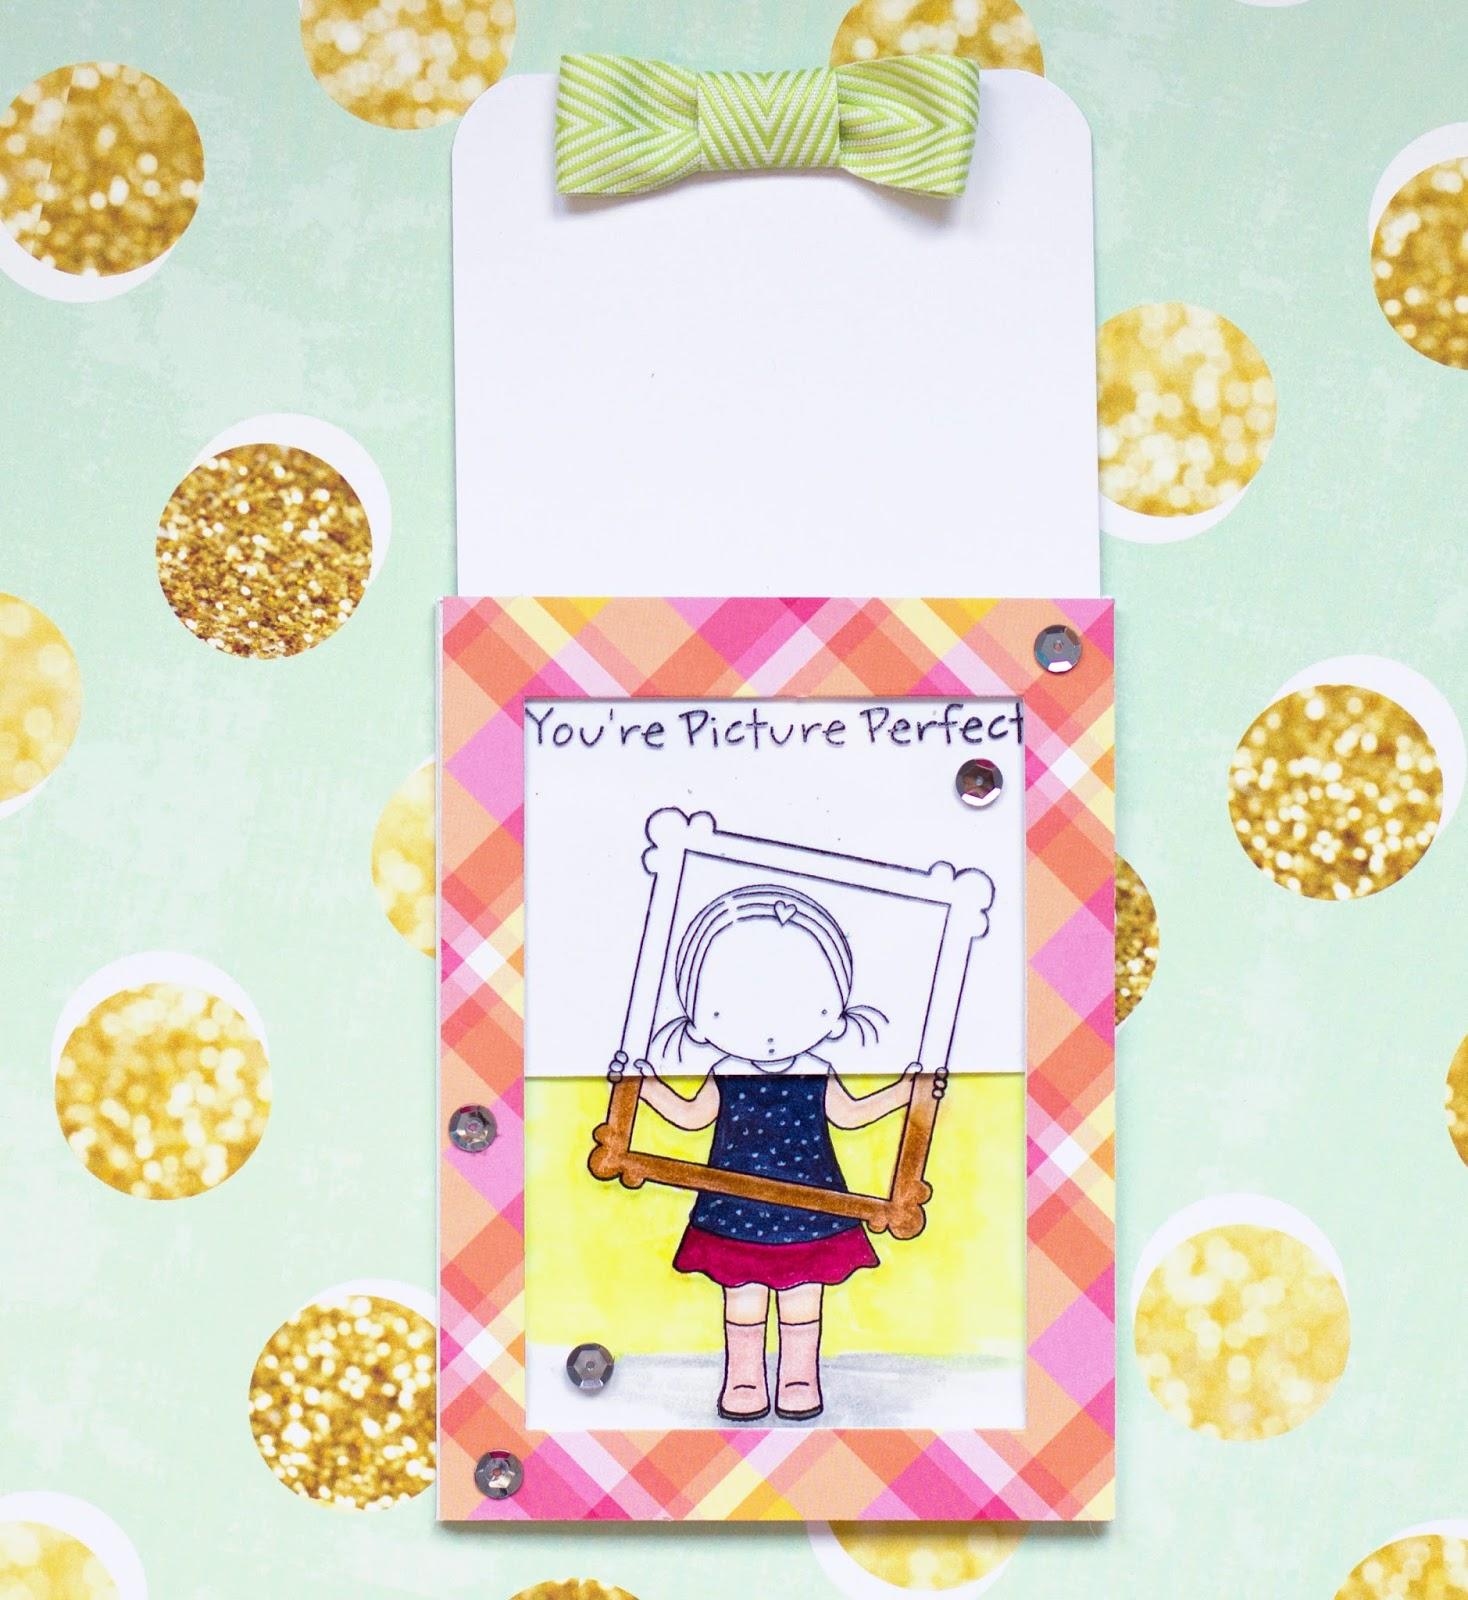 Смотреть как сделать волшебную открытку своими руками